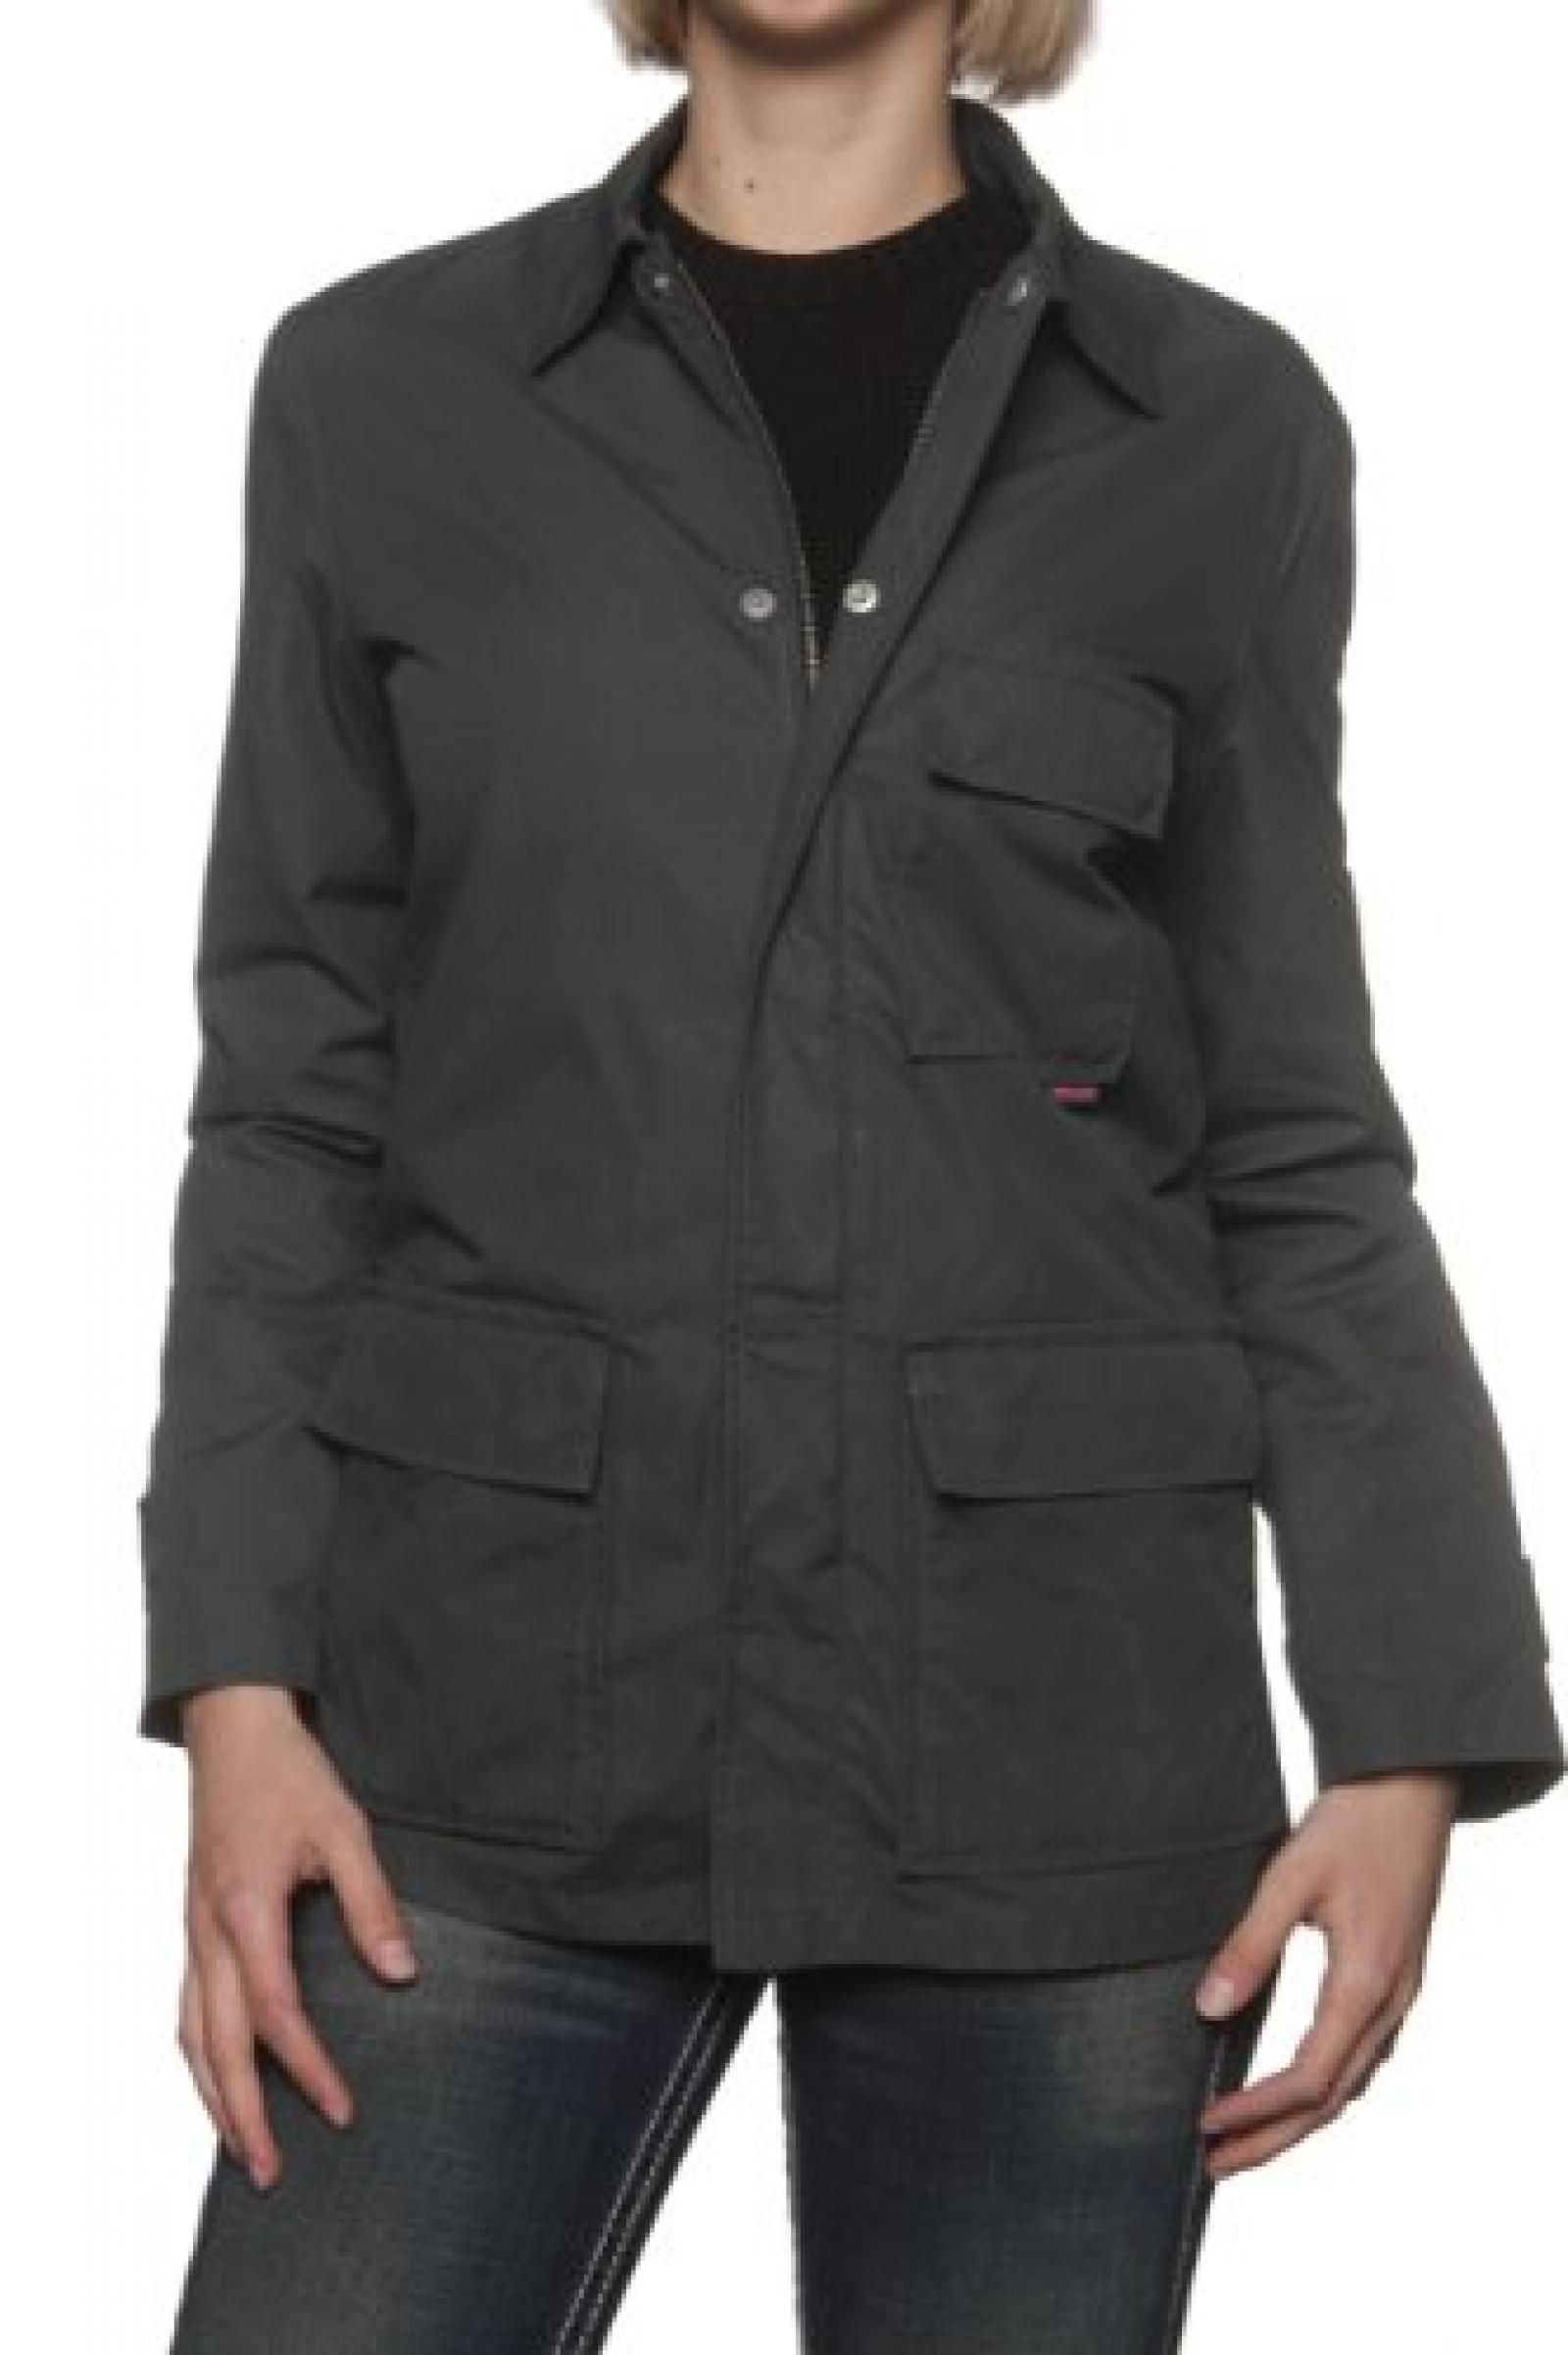 Belstaff Aviator Damen Jacke Sommerjacke NEPAL, Farbe: Anthrazit